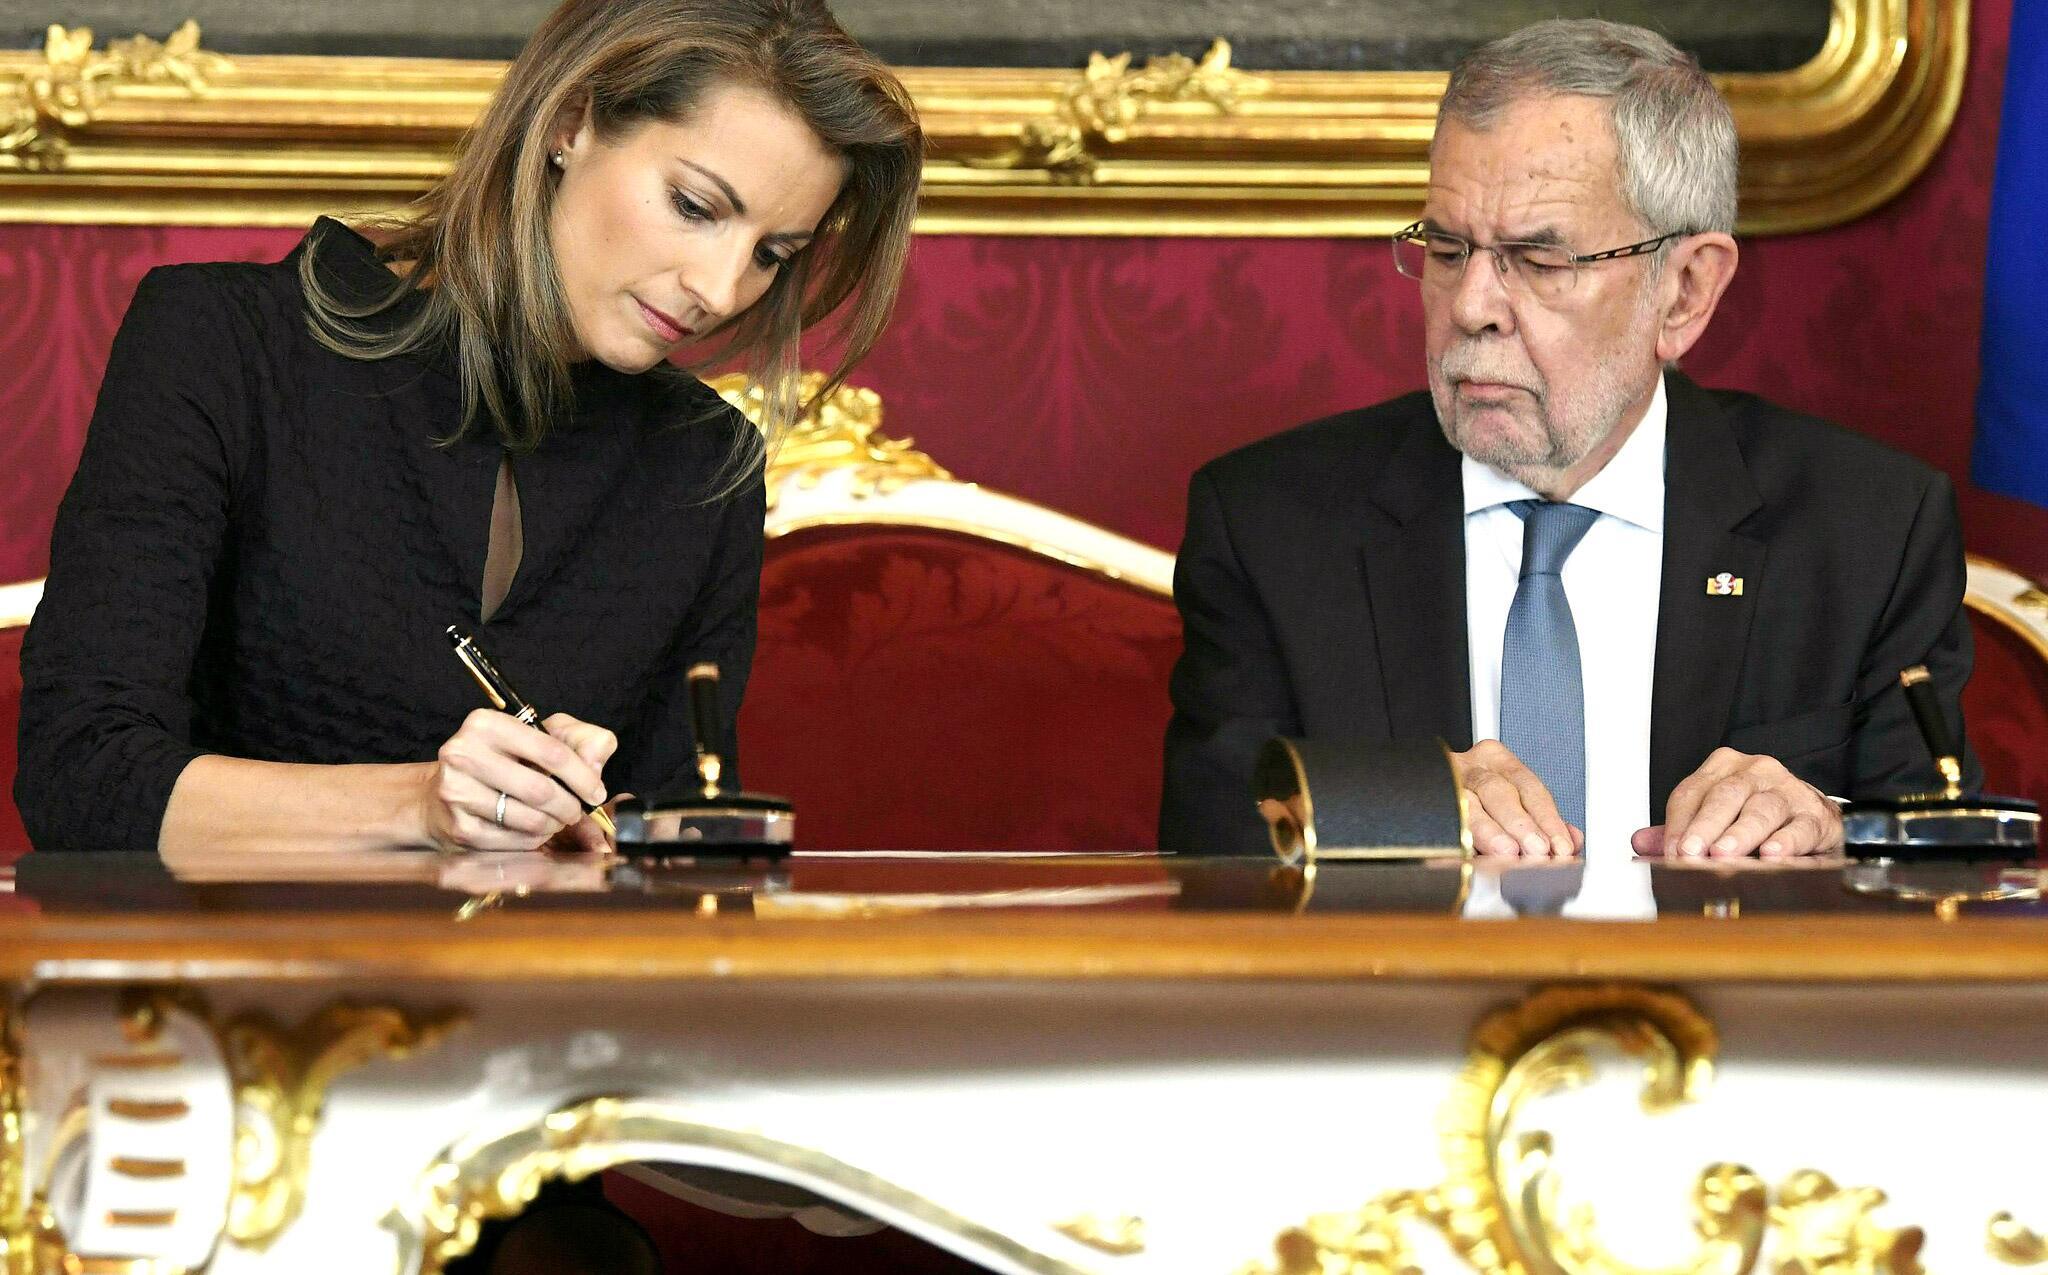 Bild zu Regierungskrise, Österreich, Minister, Vereidigung, Valerie Hackl, Verkehrsministerin, Wien